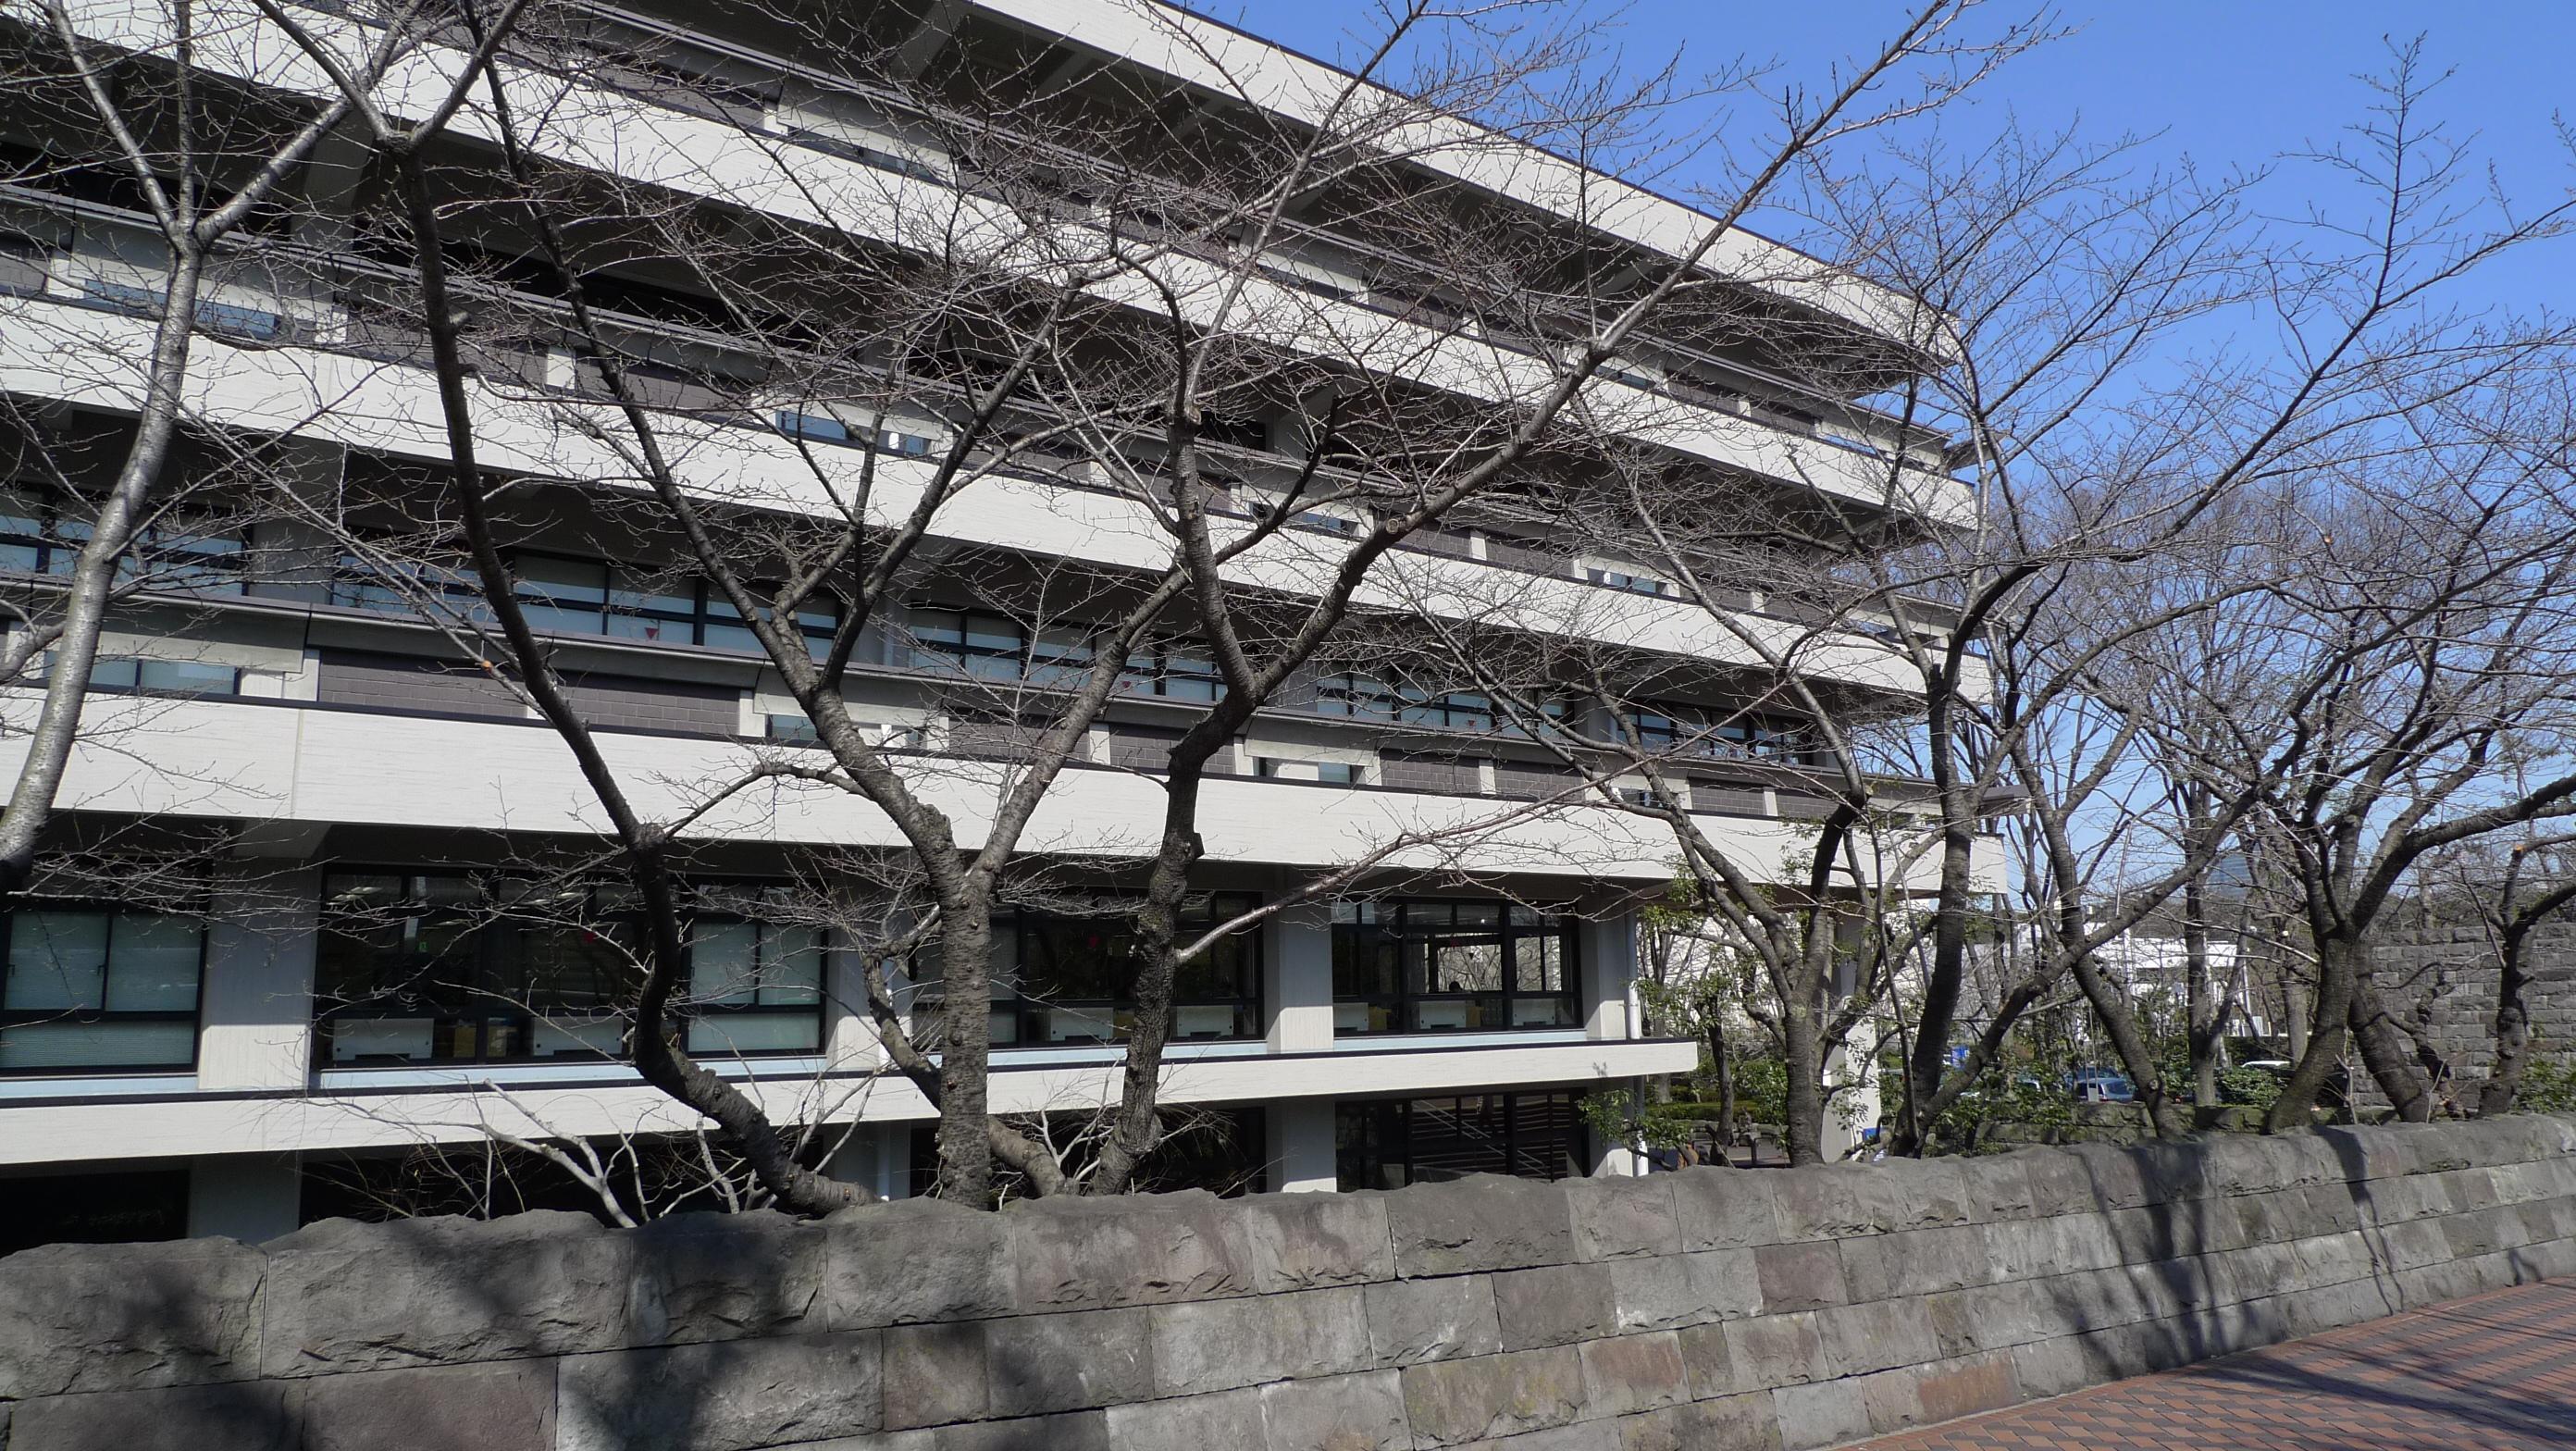 国立国会図書館 国会議事堂の隣にある。 ばーん。 ばばーん。 国立国会図書館で村上春樹関連の本を